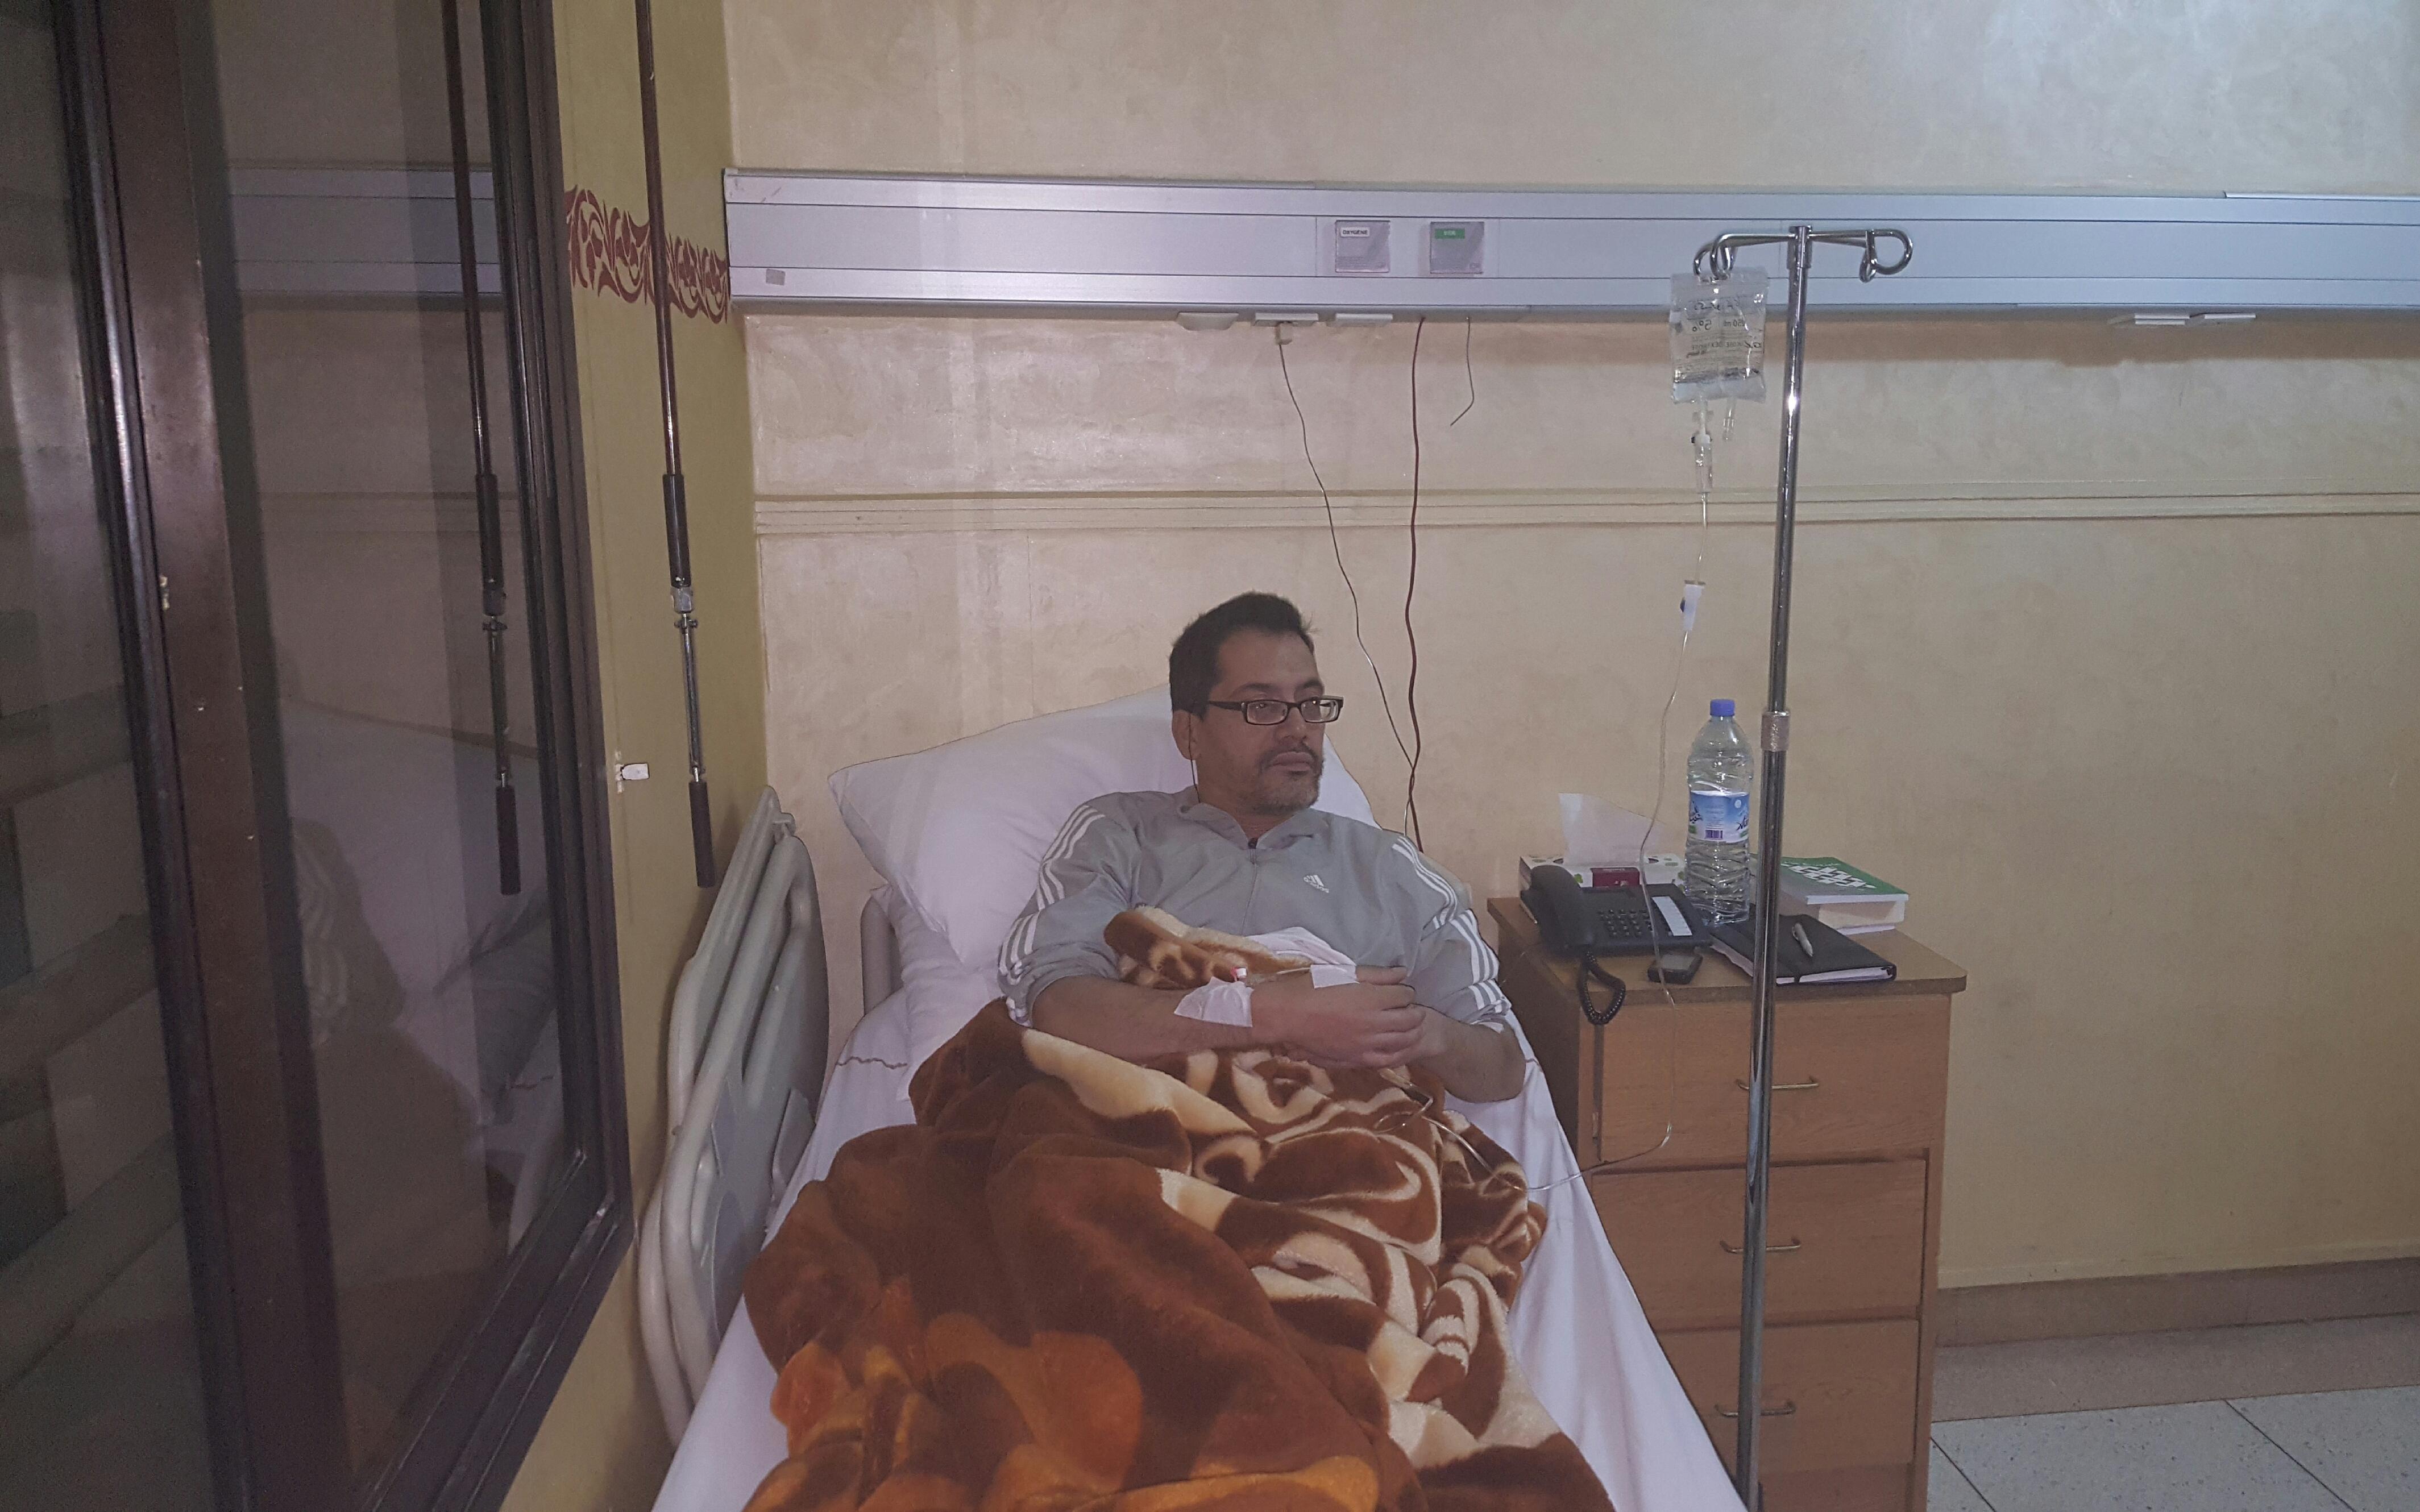 الزميل عبد الله طلال يخضع للعلاج بإحدى المصحات الخاصة بالدار البيضاء